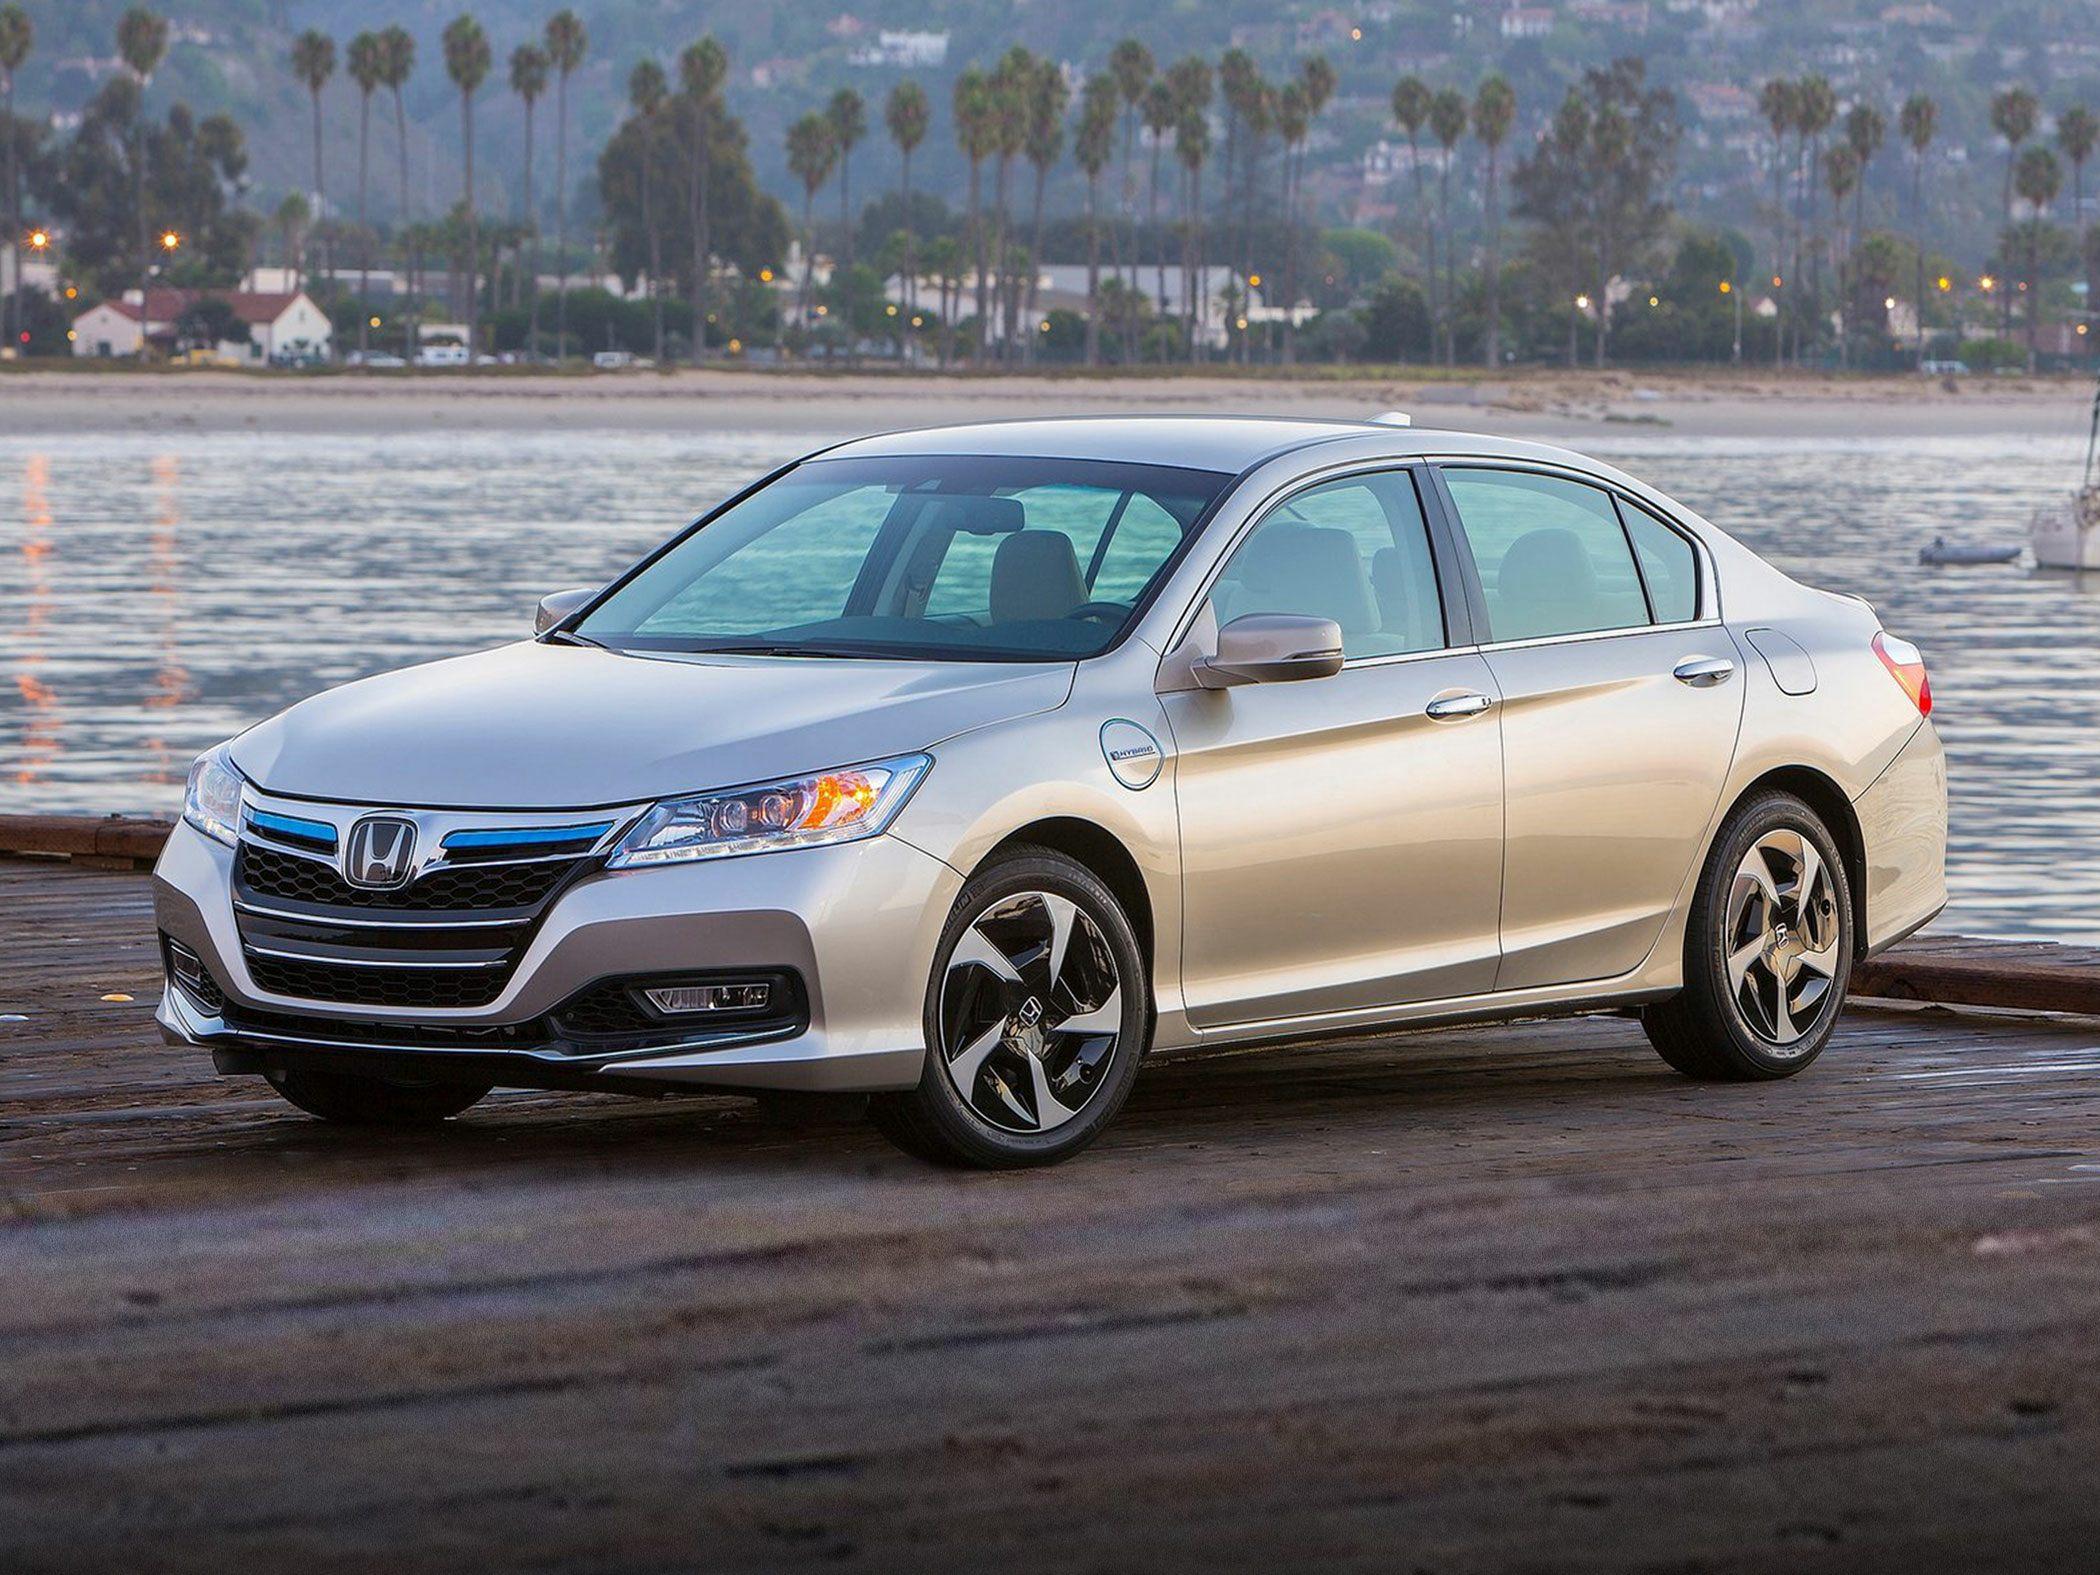 2014 Honda Accord Plug-In Hybrid Glam